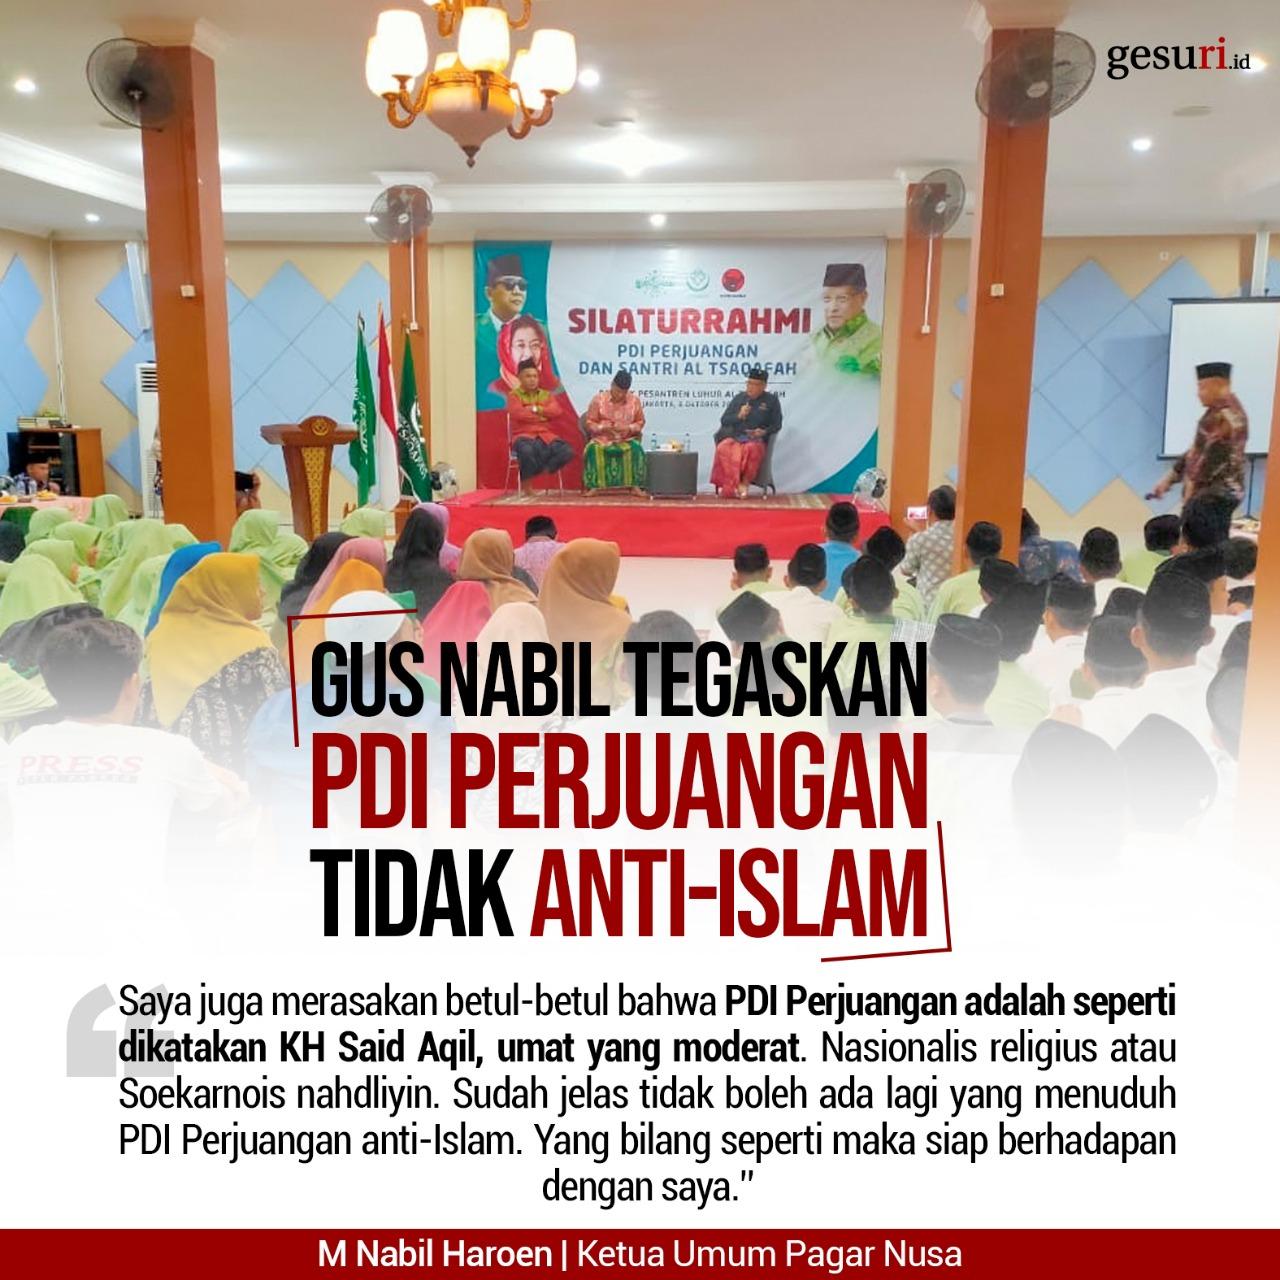 Gus Nabil Tegaskan PDI Perjuangan Tidak Anti-Islam